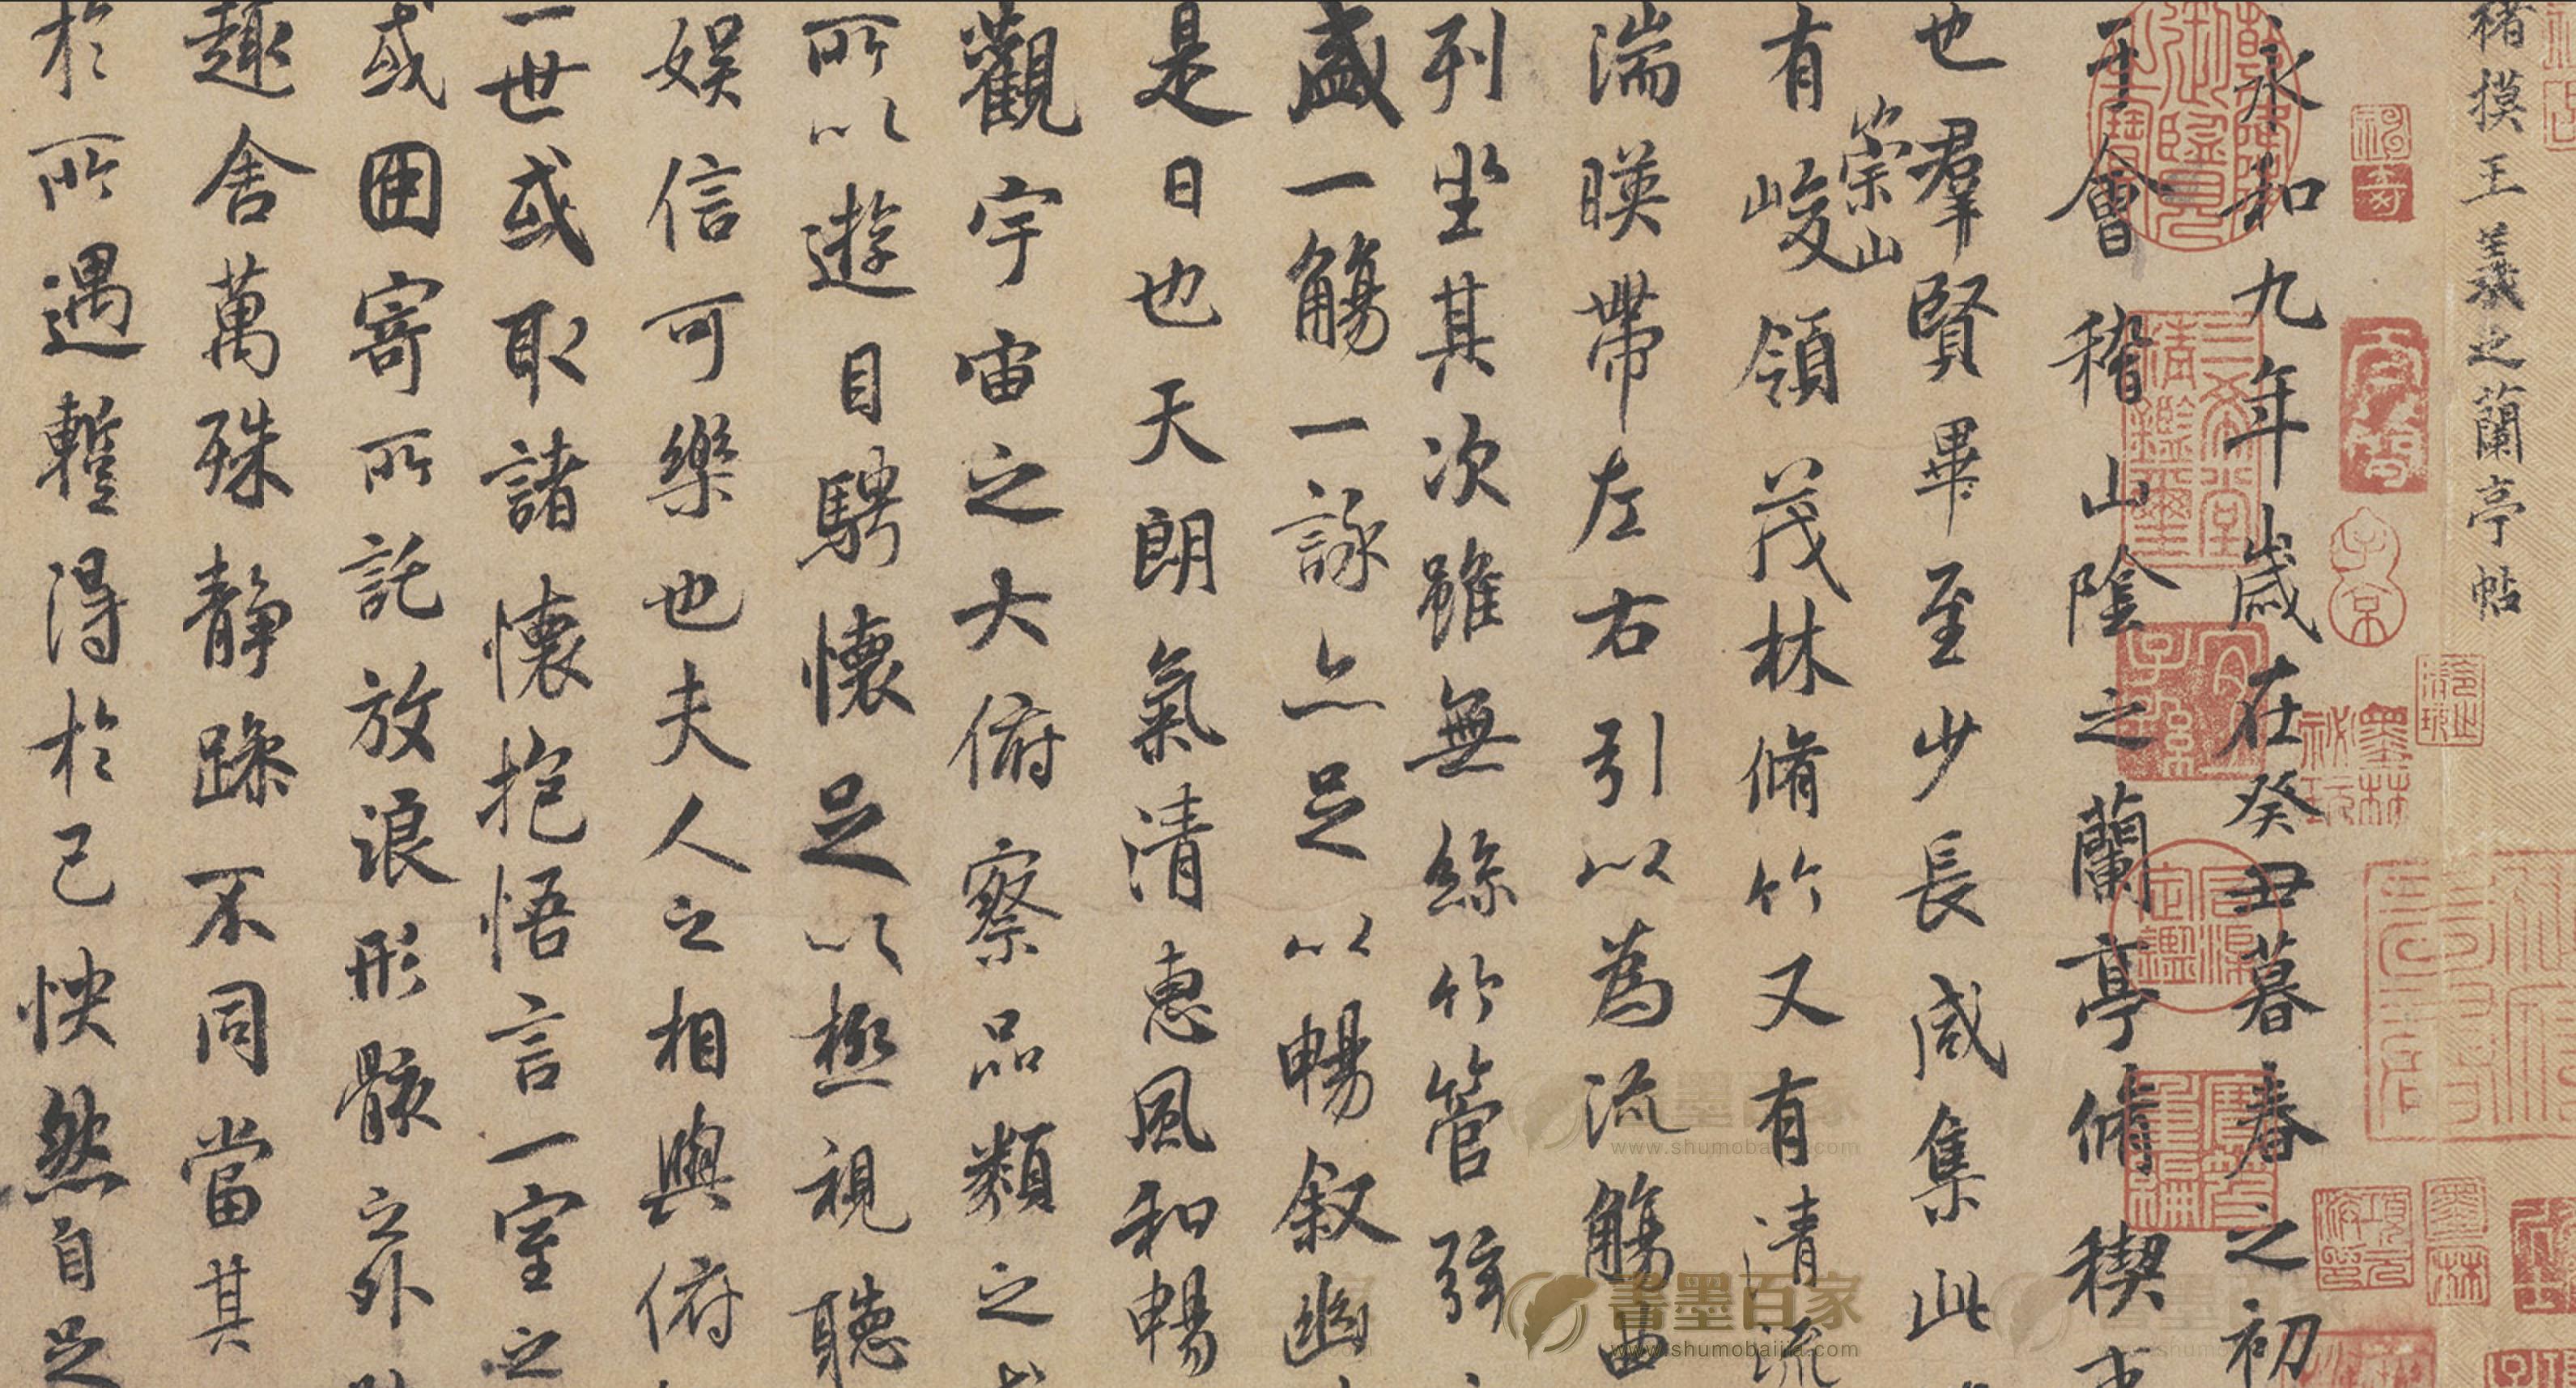 唐 褚遂良摹兰亭序(全卷)行书纸本24X88.5